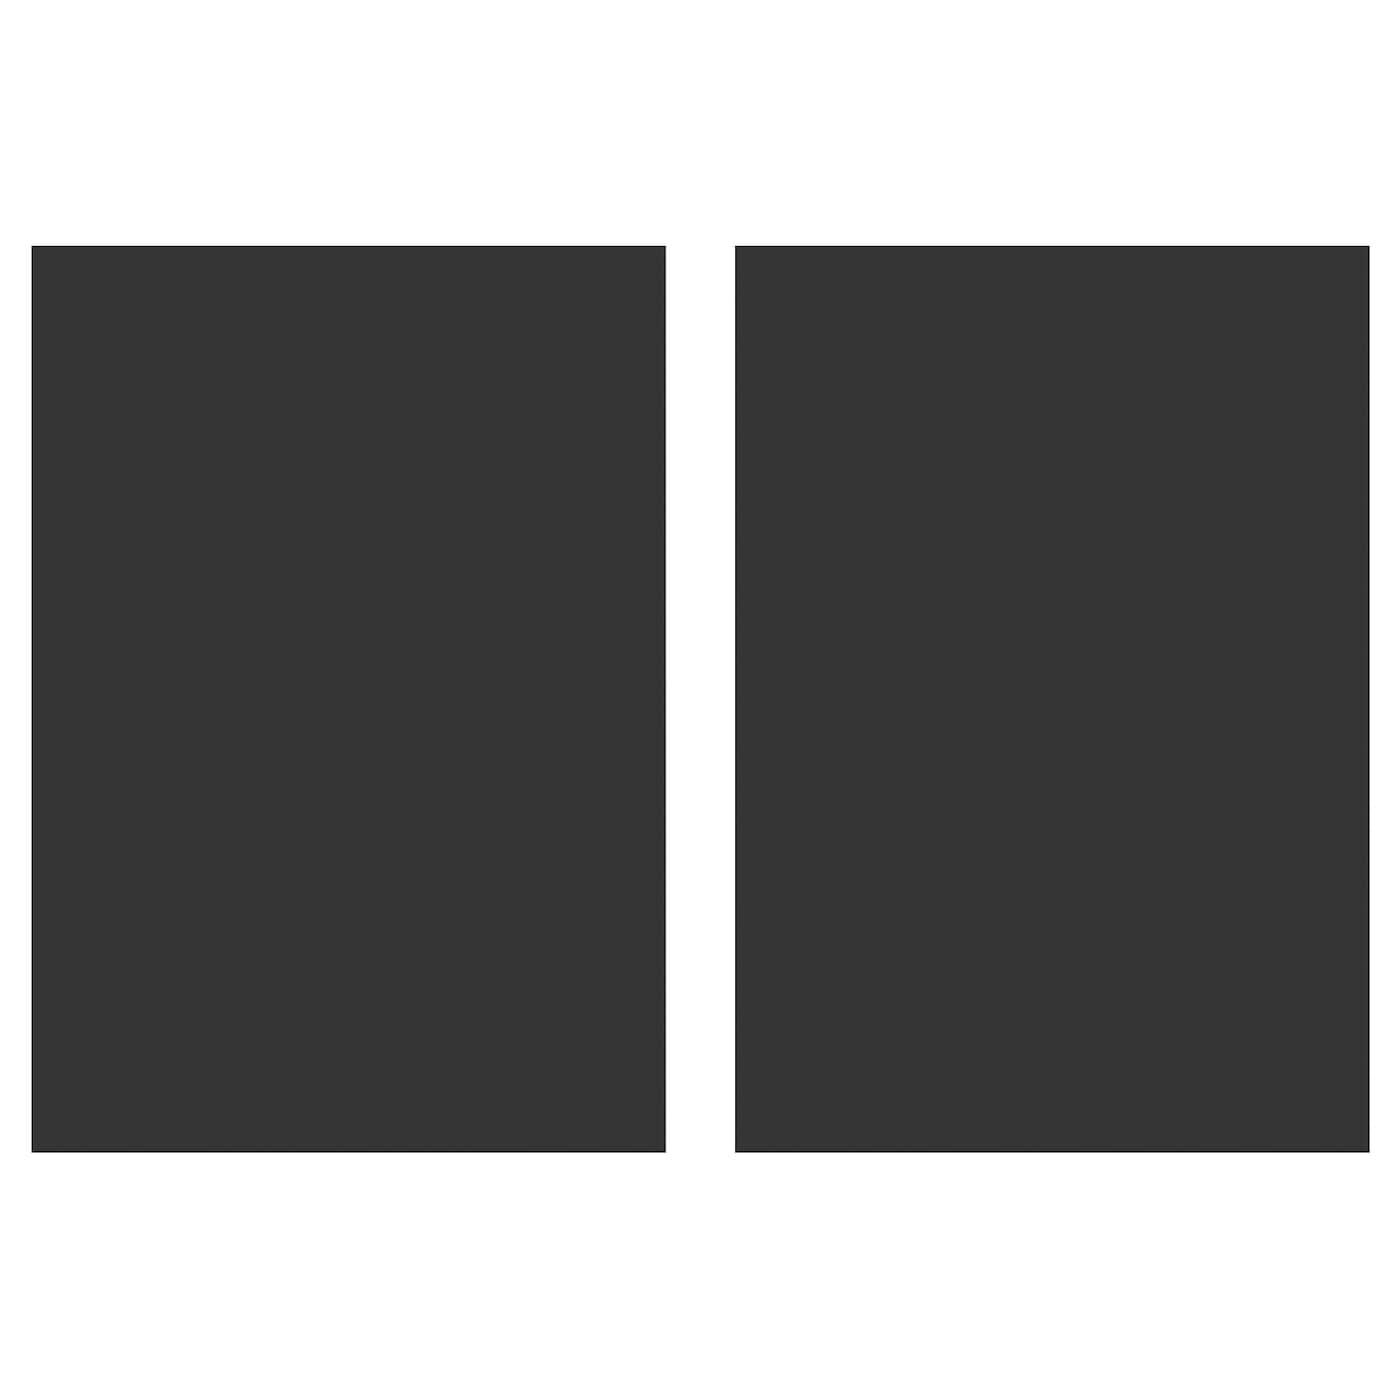 Full Size of Kreidetafel Ikea Kltta Aufkleber Sterreich Betten Bei Miniküche Küche Kosten Kaufen Modulküche Sofa Mit Schlaffunktion 160x200 Wohnzimmer Kreidetafel Ikea